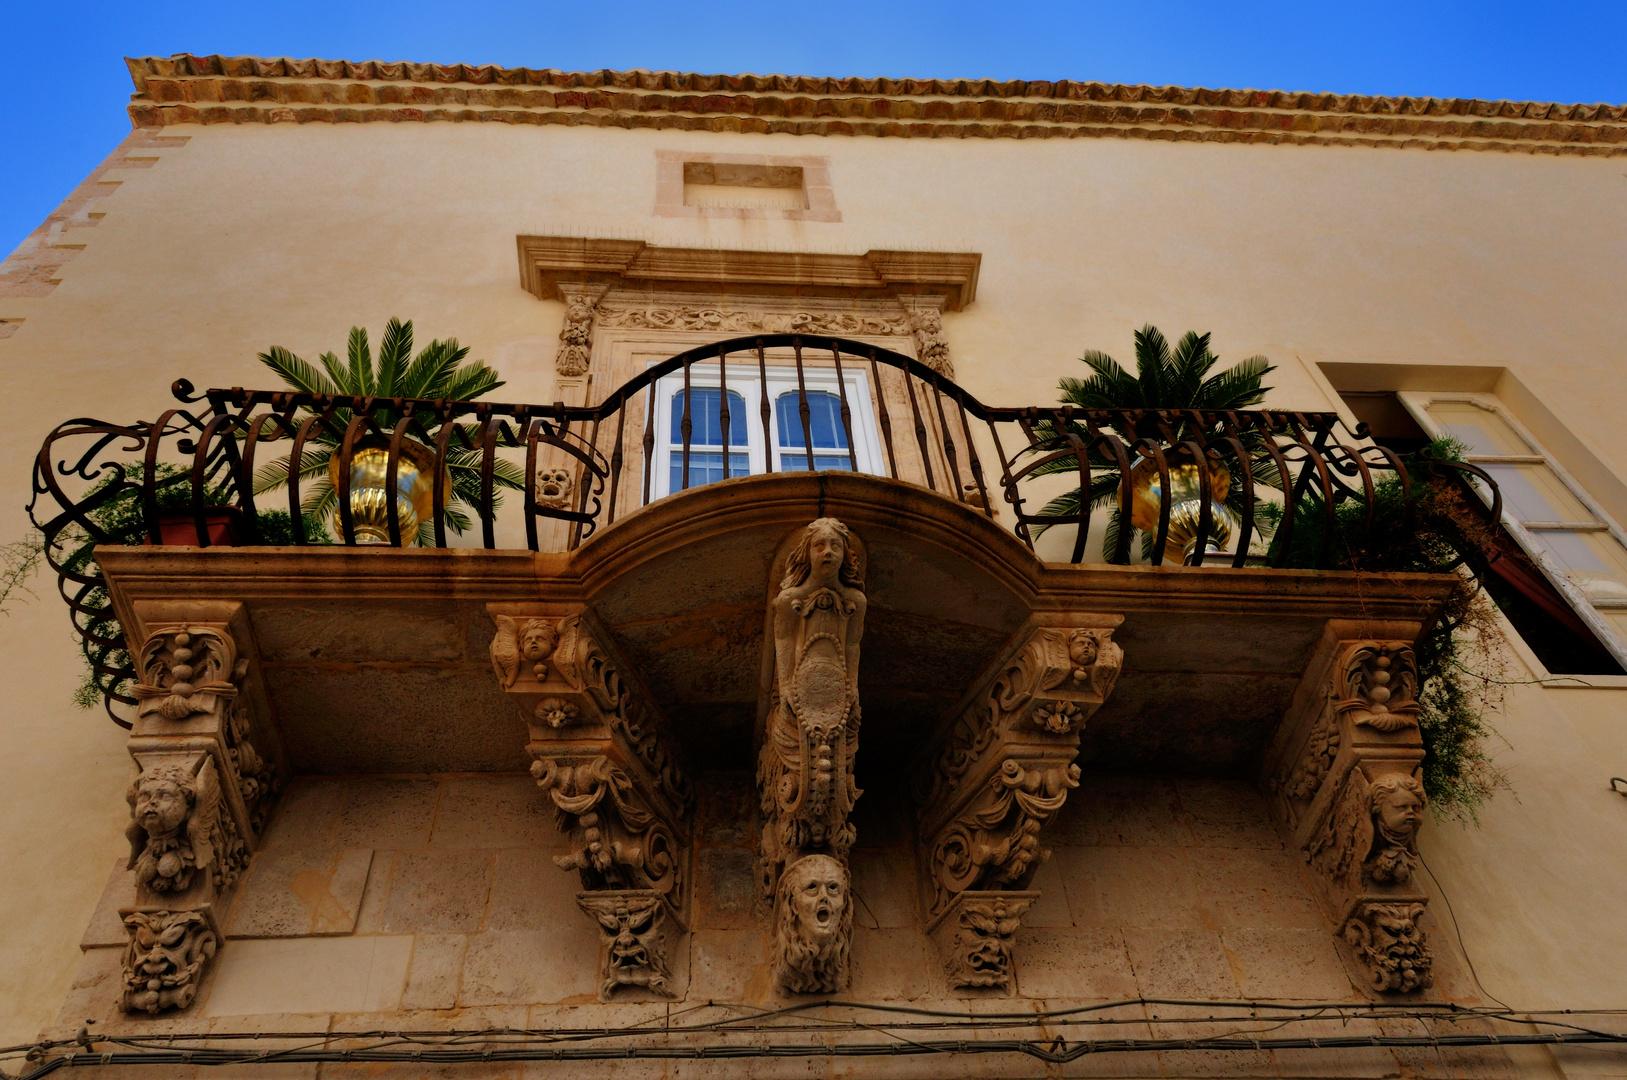 Balkon in der Altstadt von Siracusa